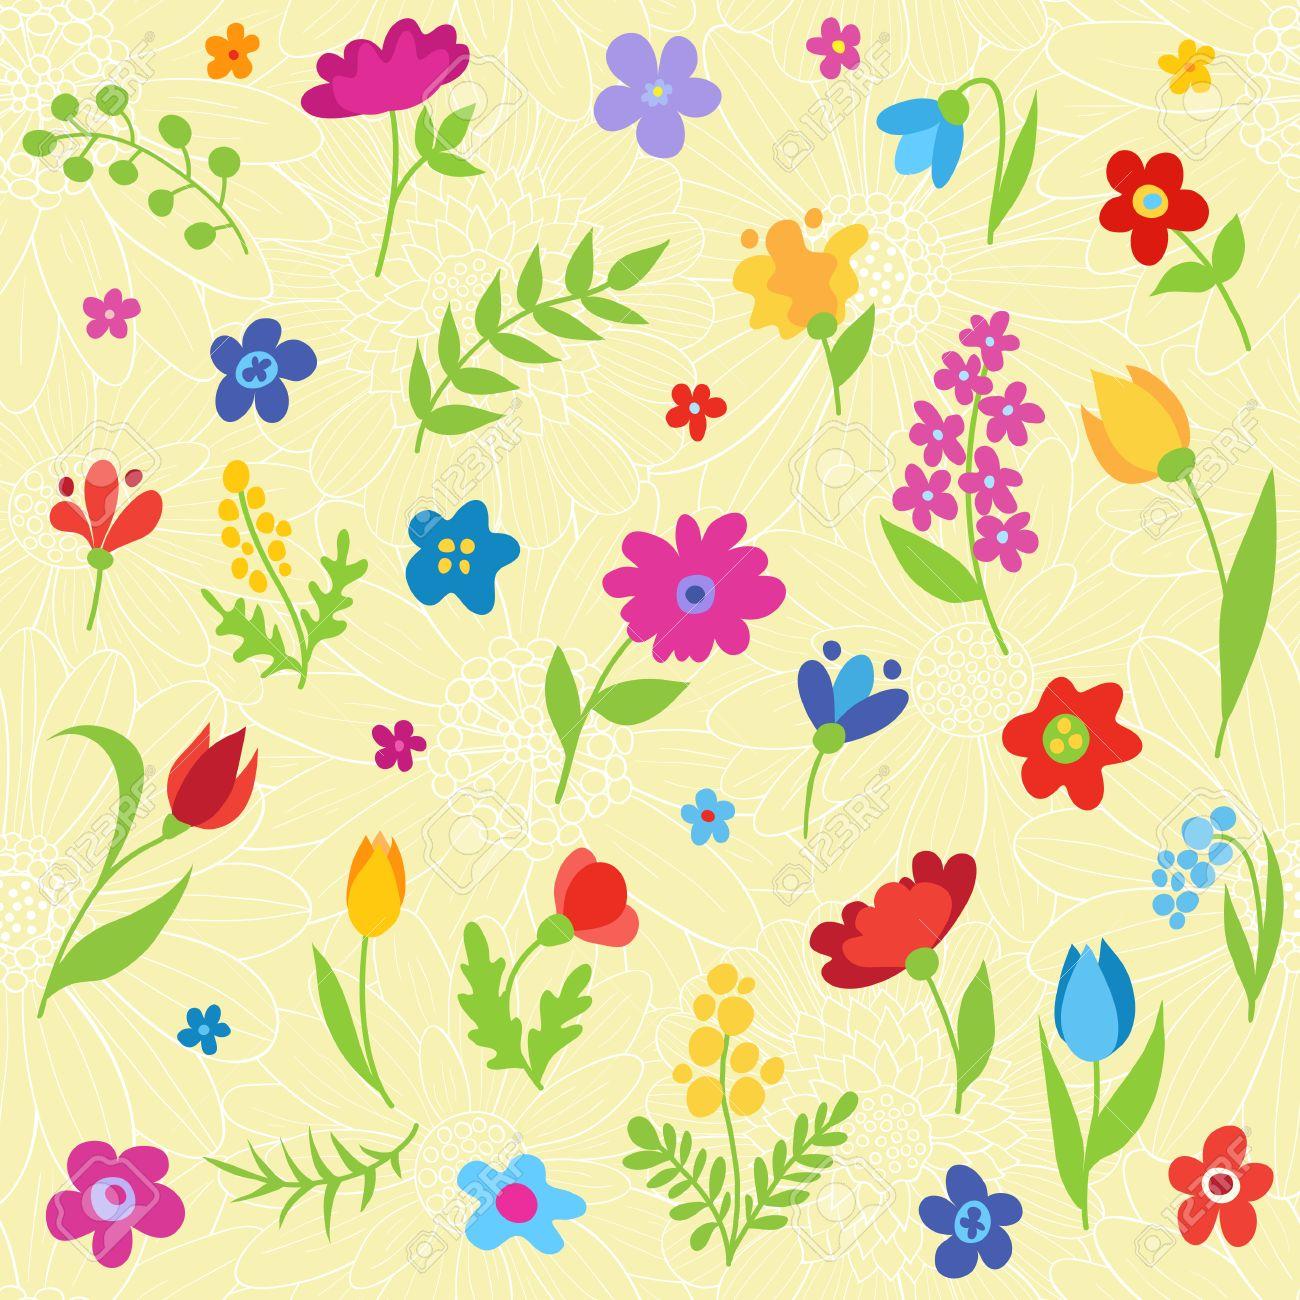 Patron Transparente Hermosa Con Flores De Primavera Vector De